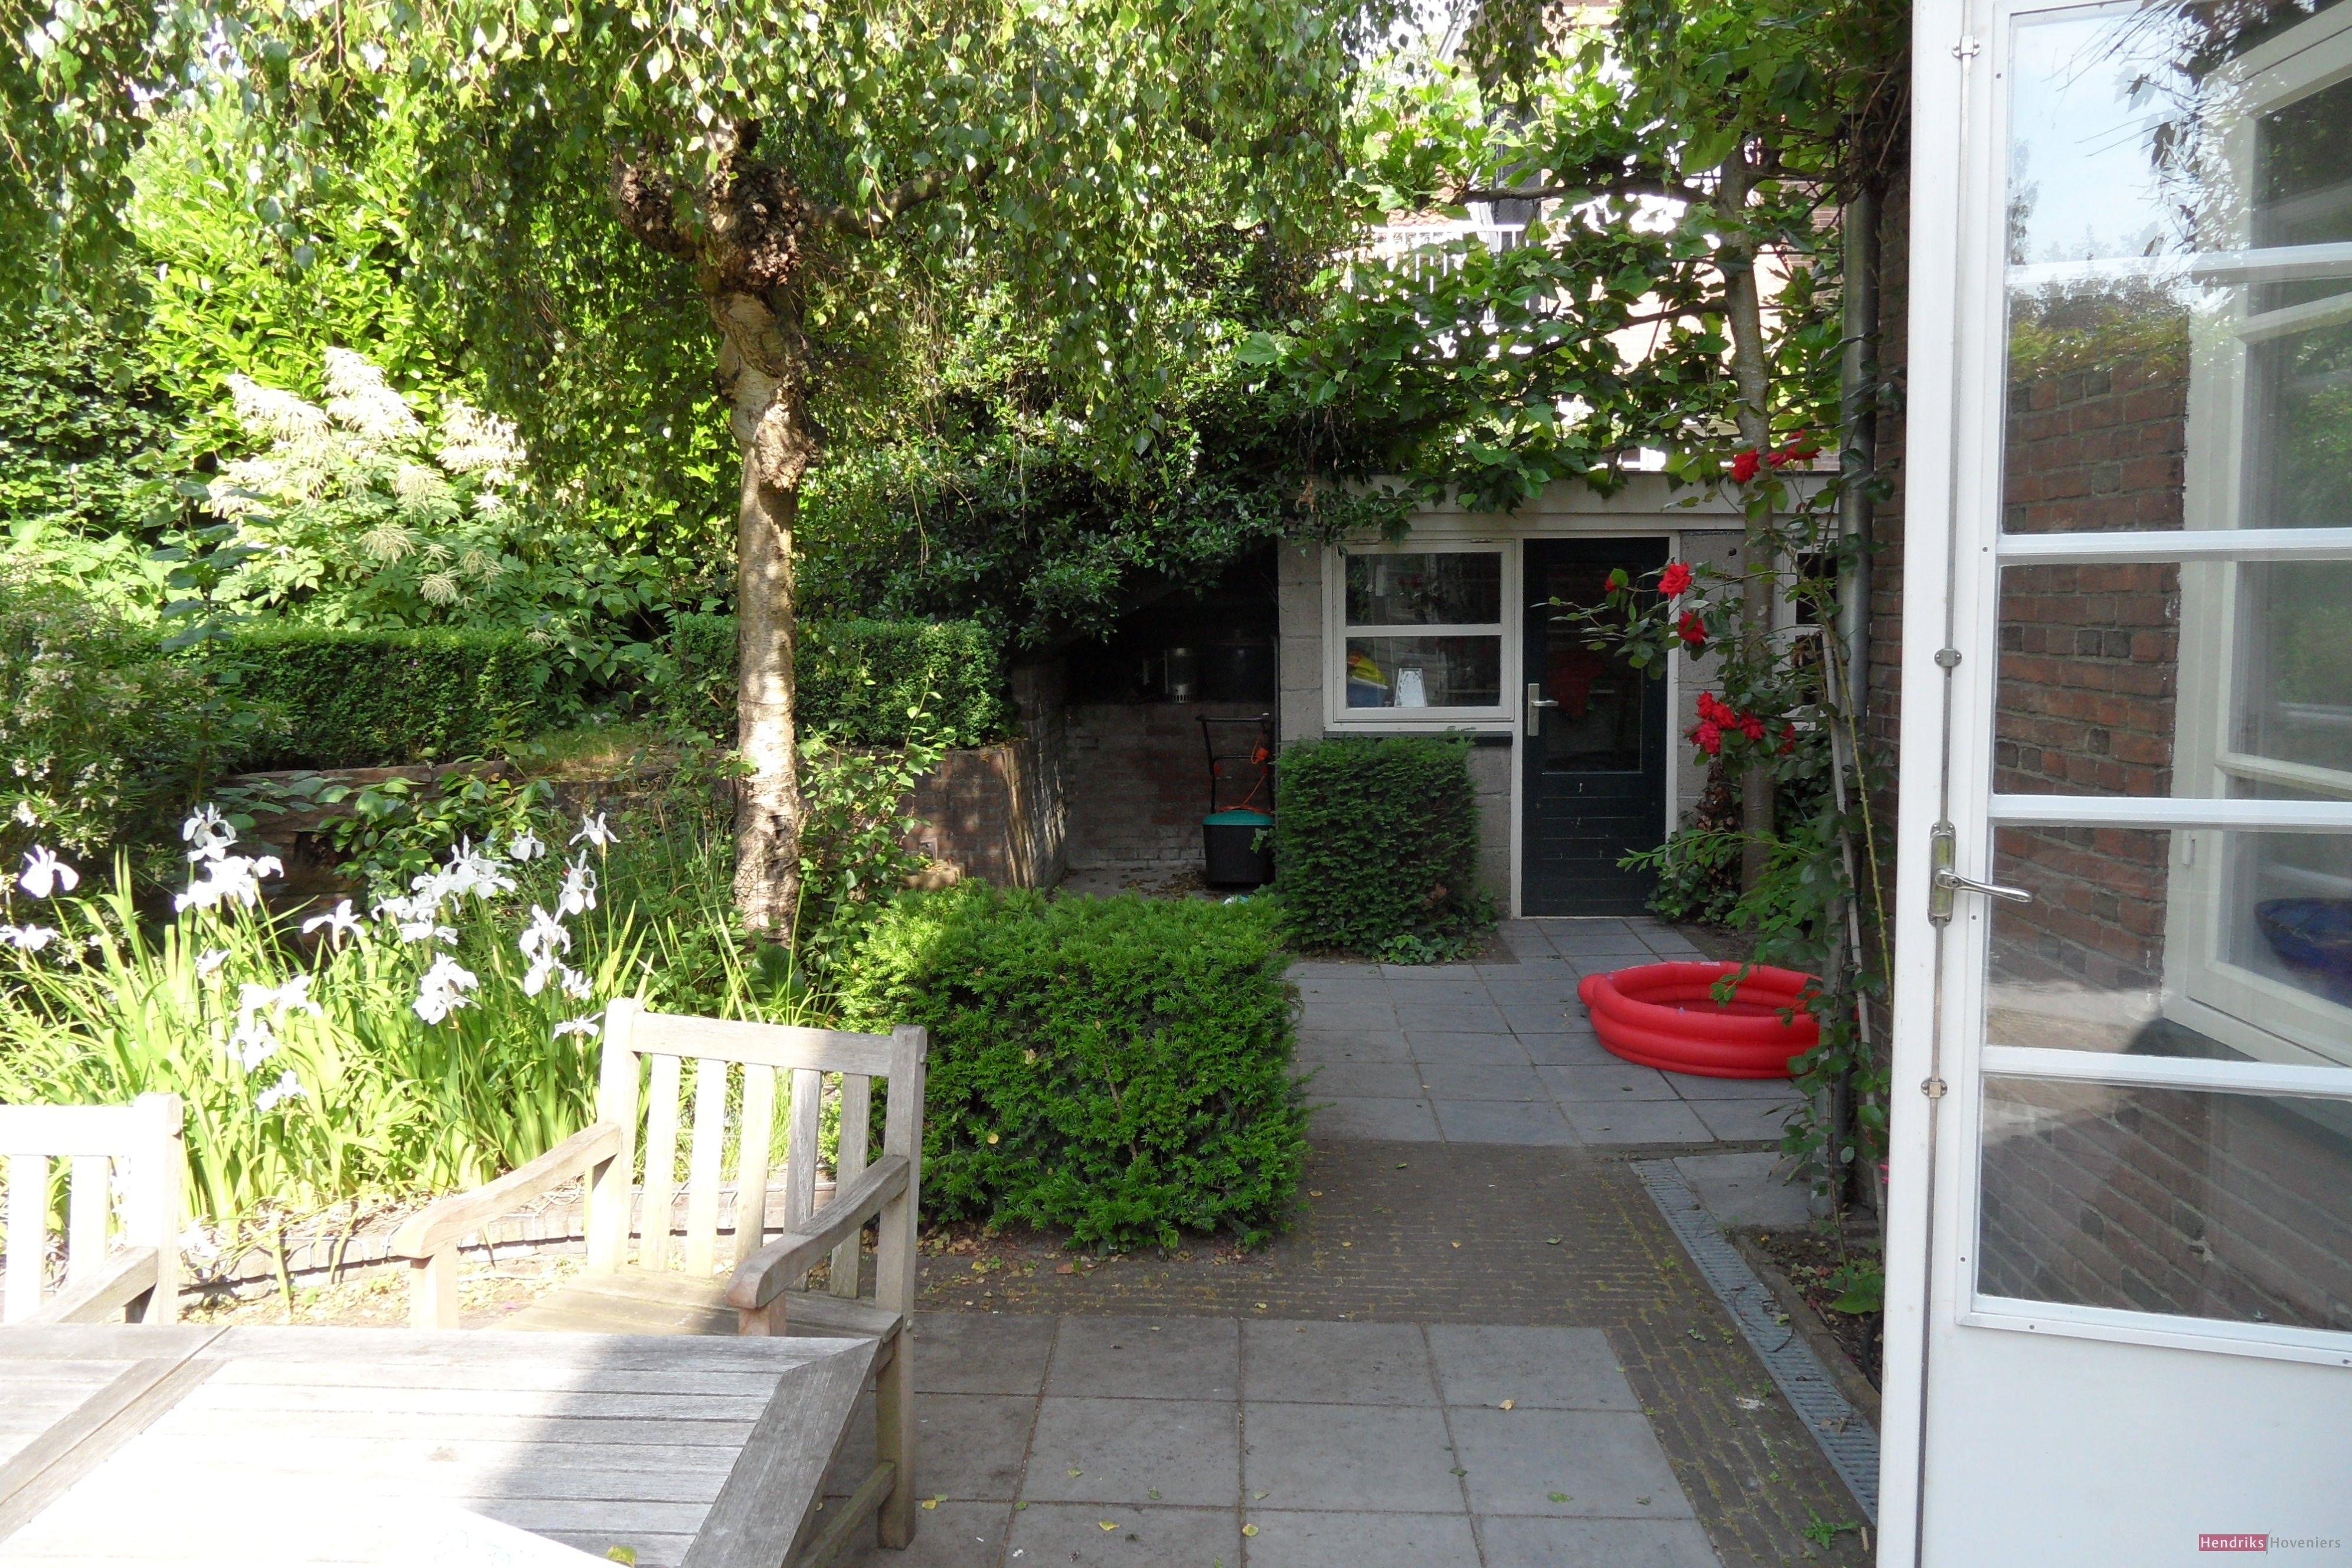 Kleine engelse tuinen google zoeken achtertuin for Kleine stadstuin ideeen